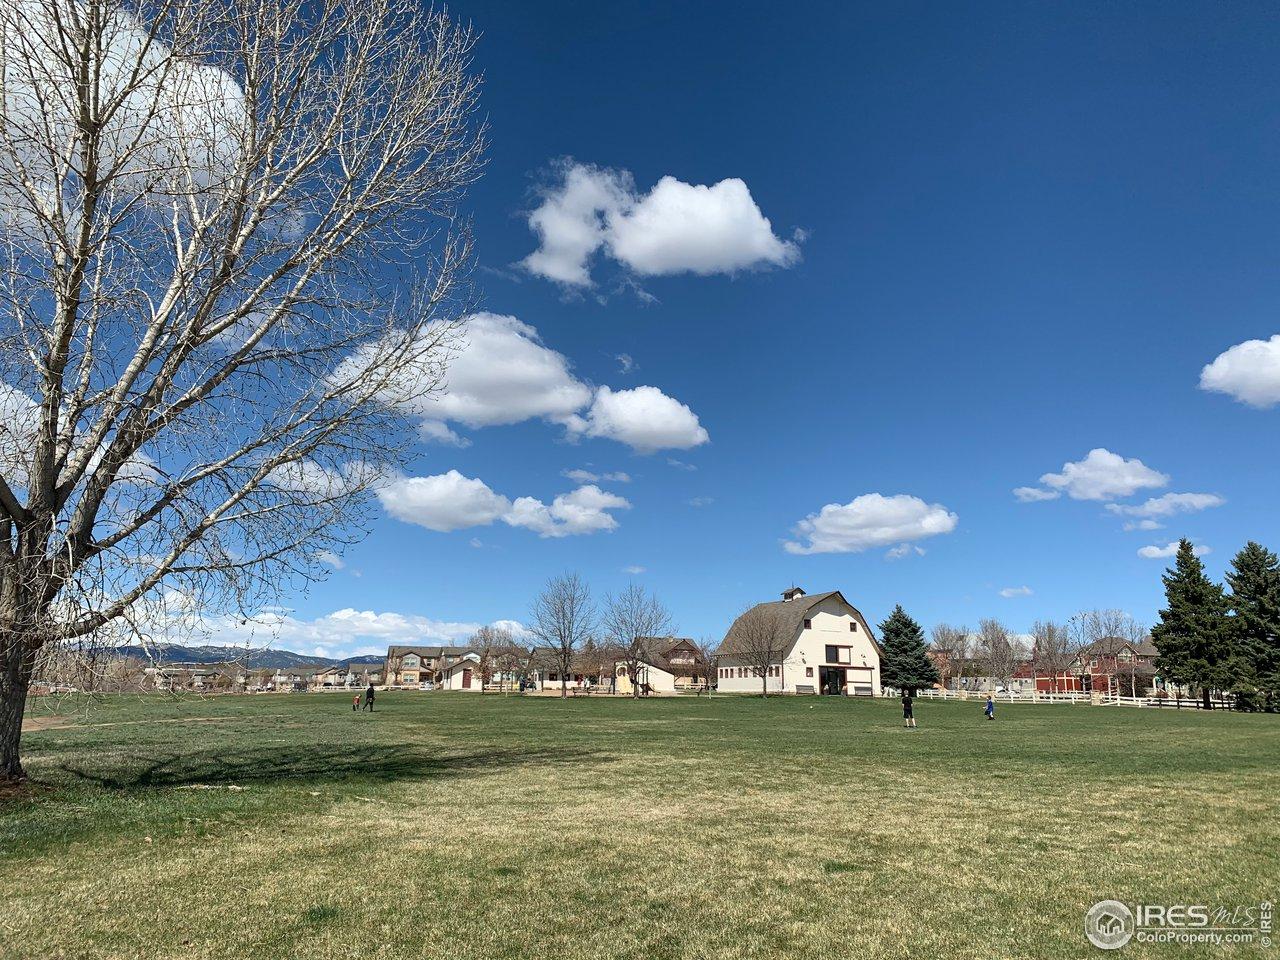 Rigden Farm park includes playground, community bldg, garden plots, open fields